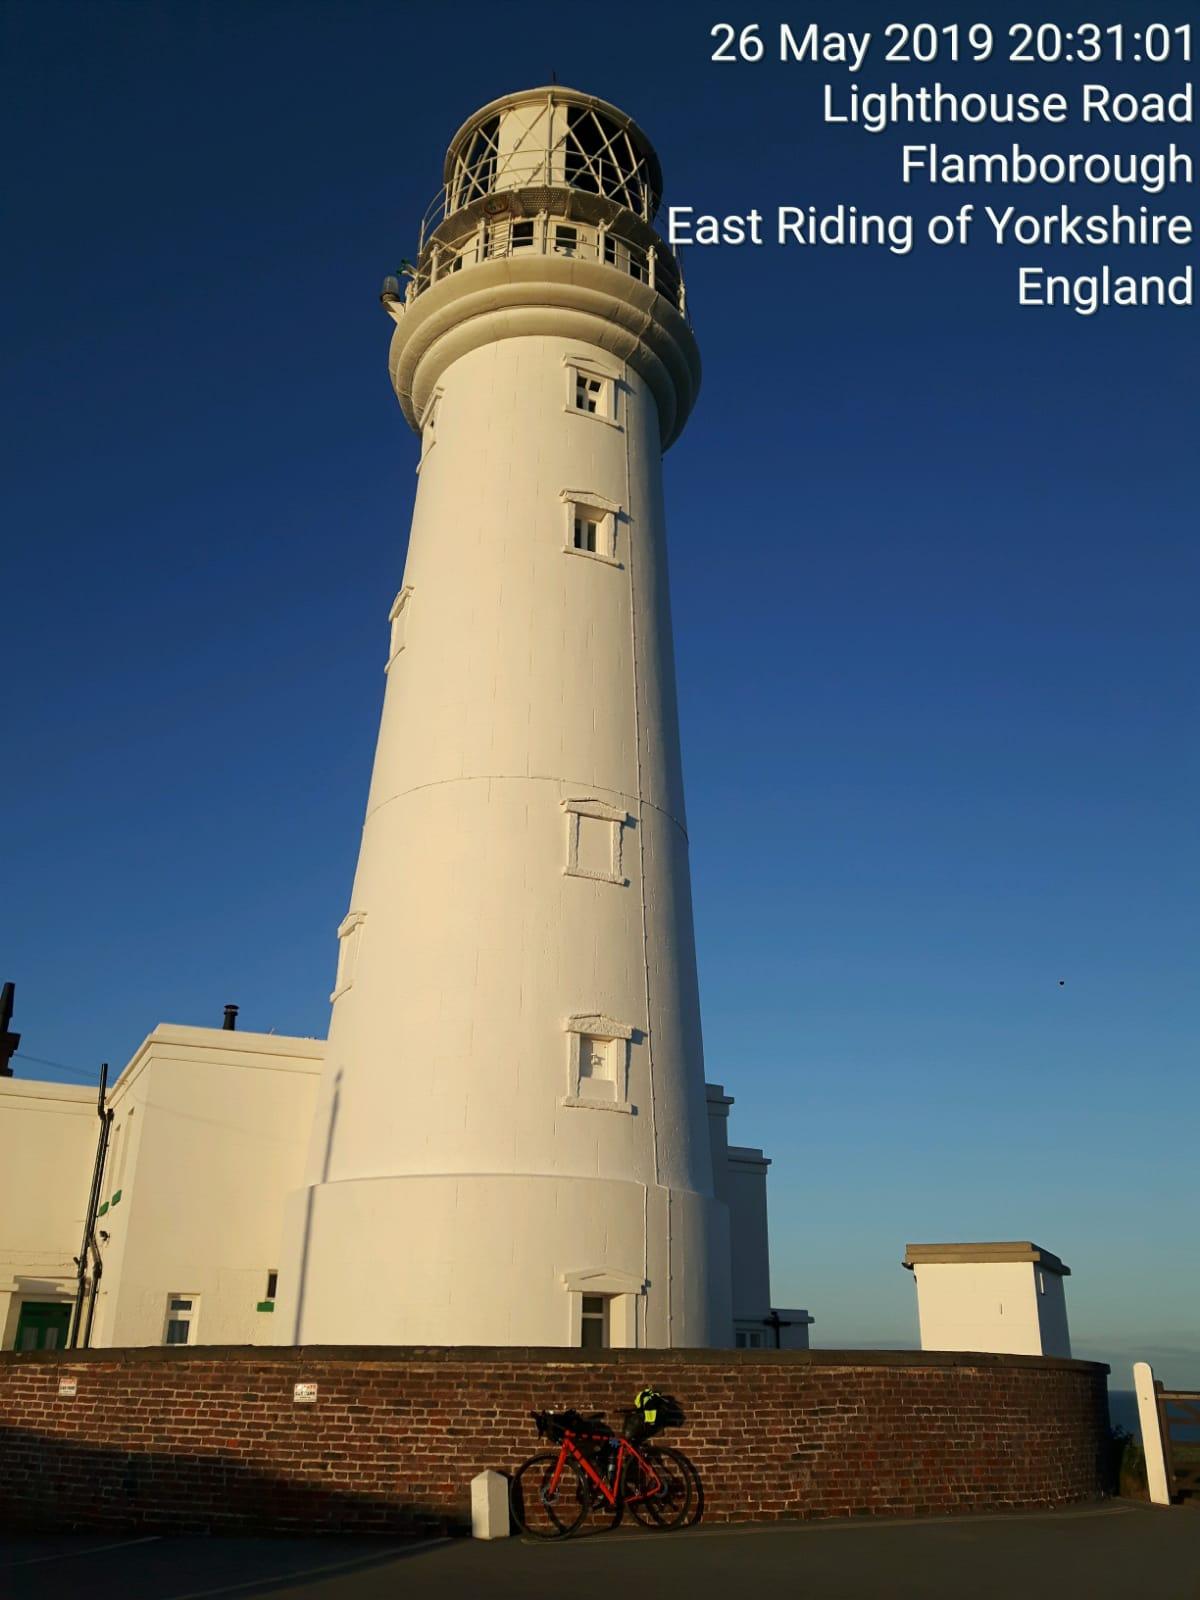 Philippa Battye at Flamborough Lighthouse